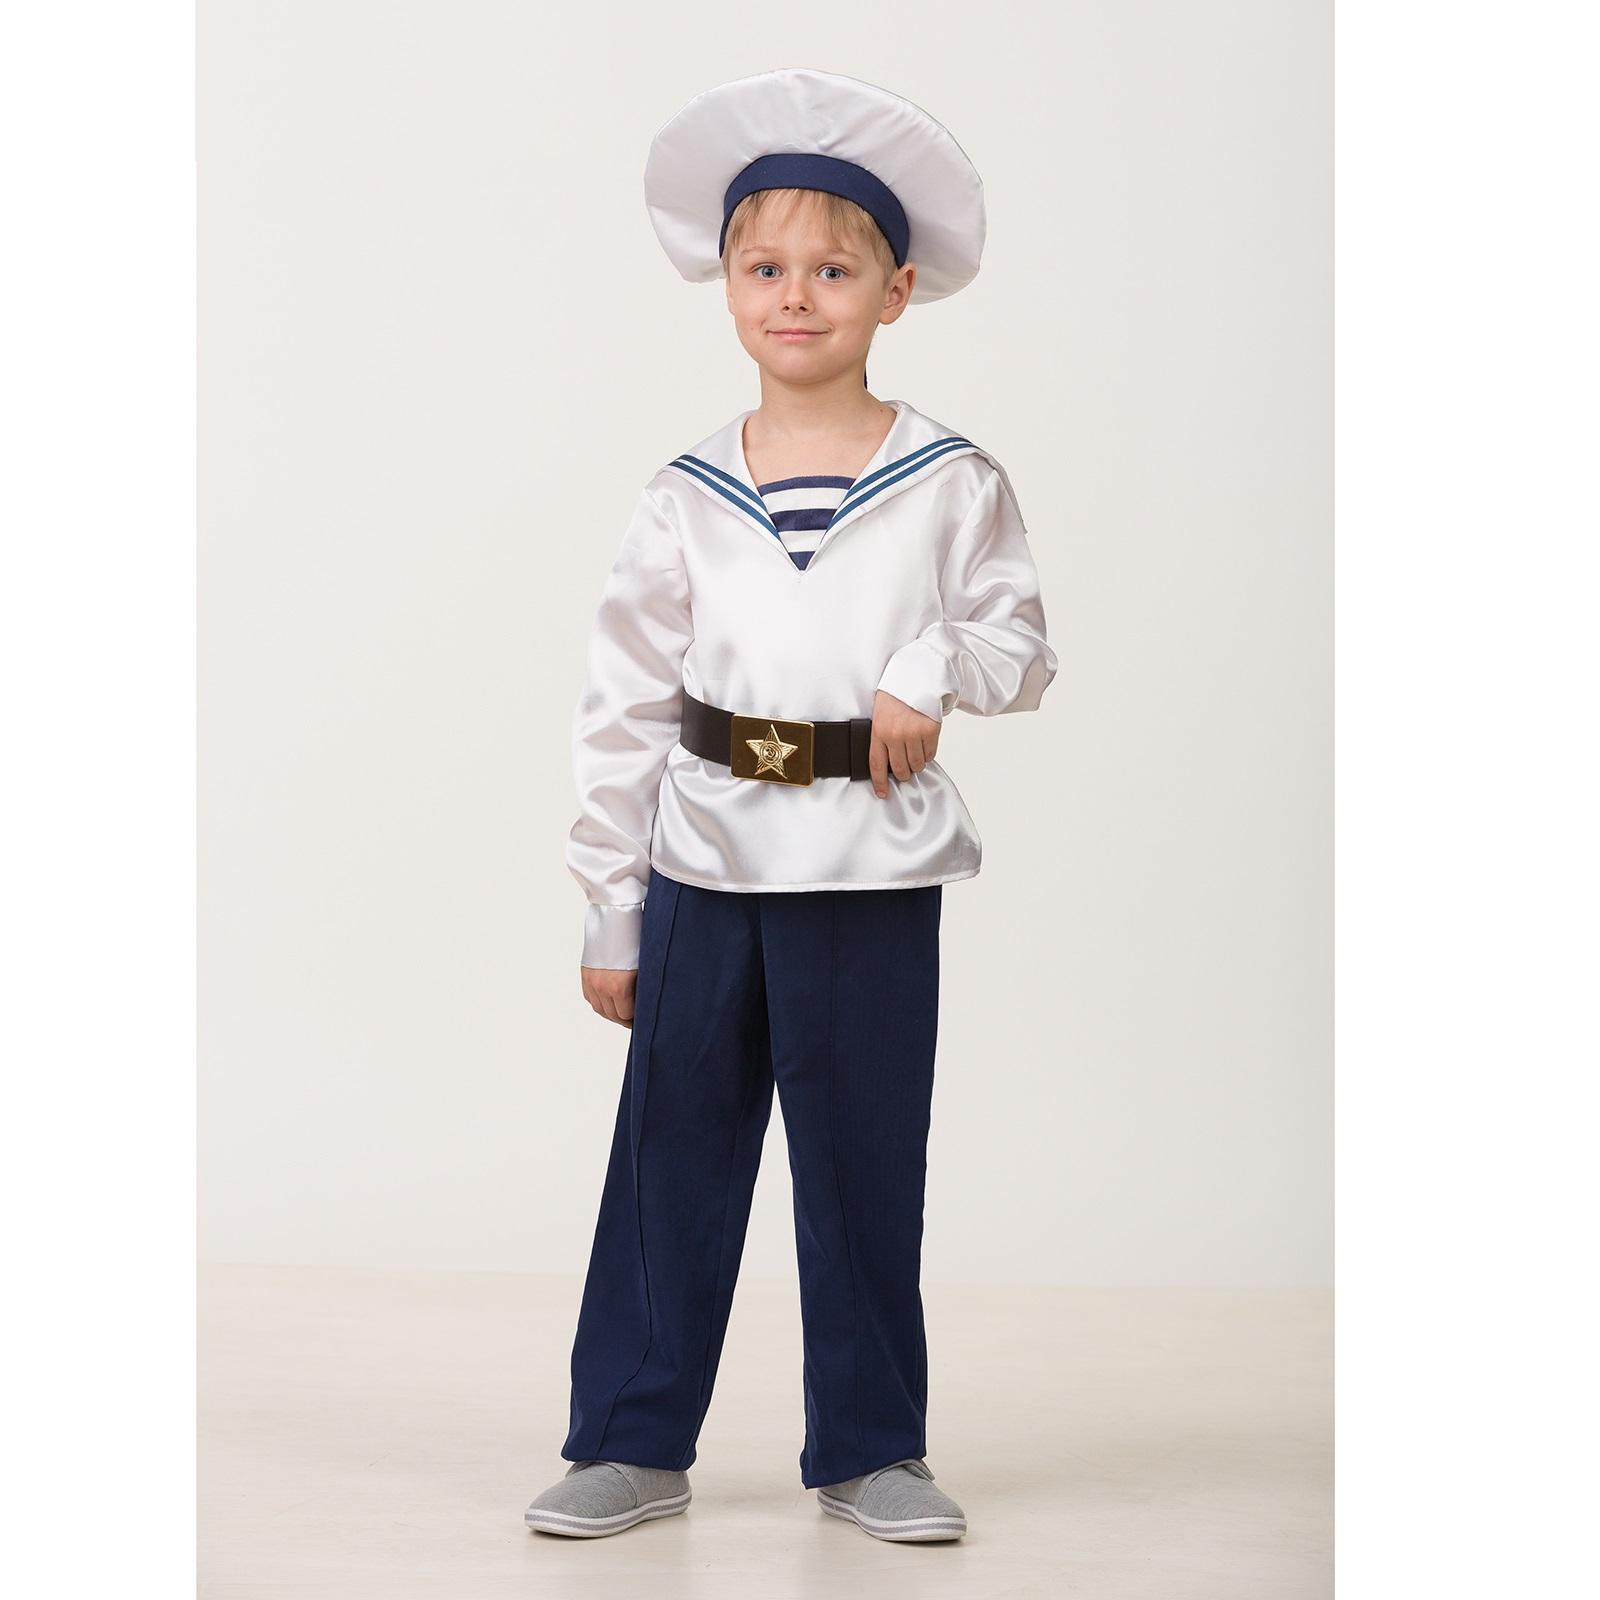 Карнавальный костюм Матрос парадный из серии Профессии, размер 146-72 фото